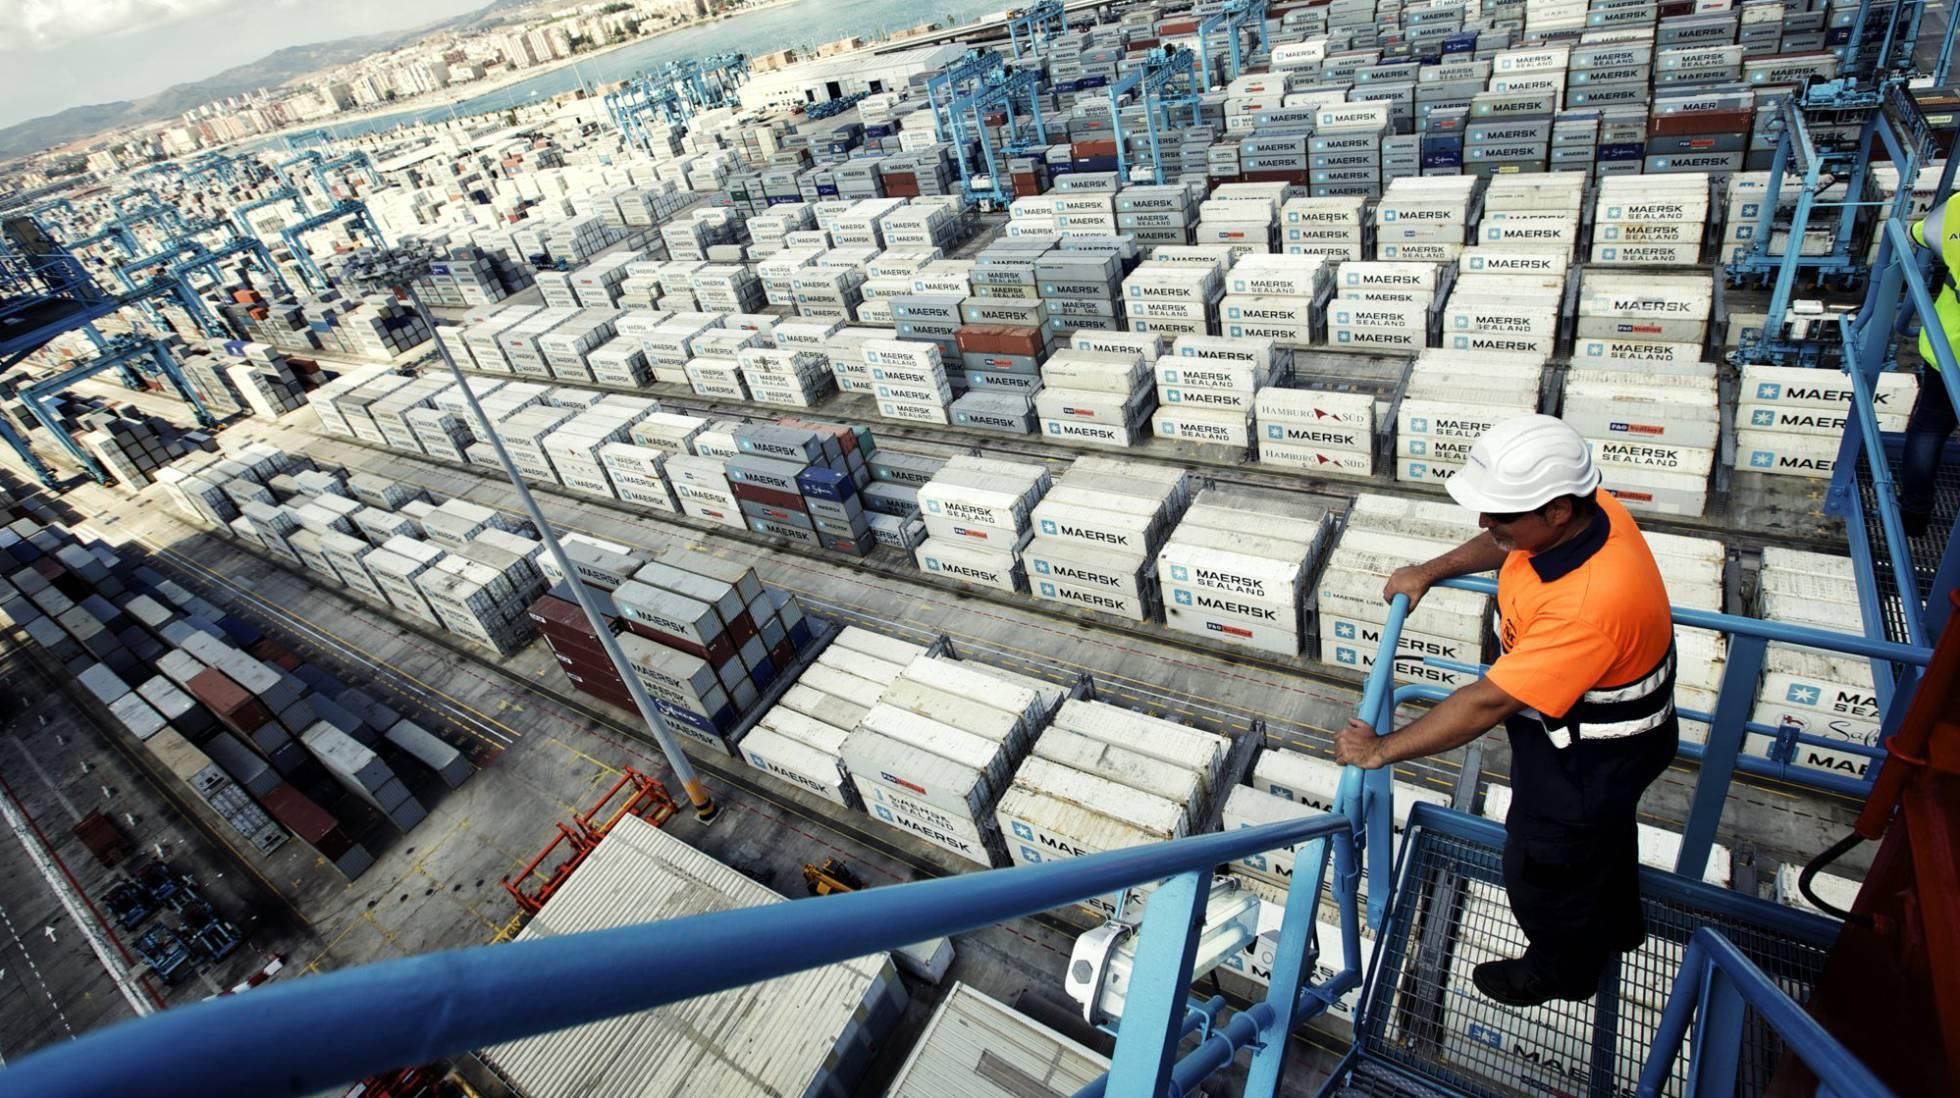 Estibadores portuarios.  El sindicalismo  democrático ayuda al  capital. 1486119293_753807_1486125709_noticia_normal_recorte1